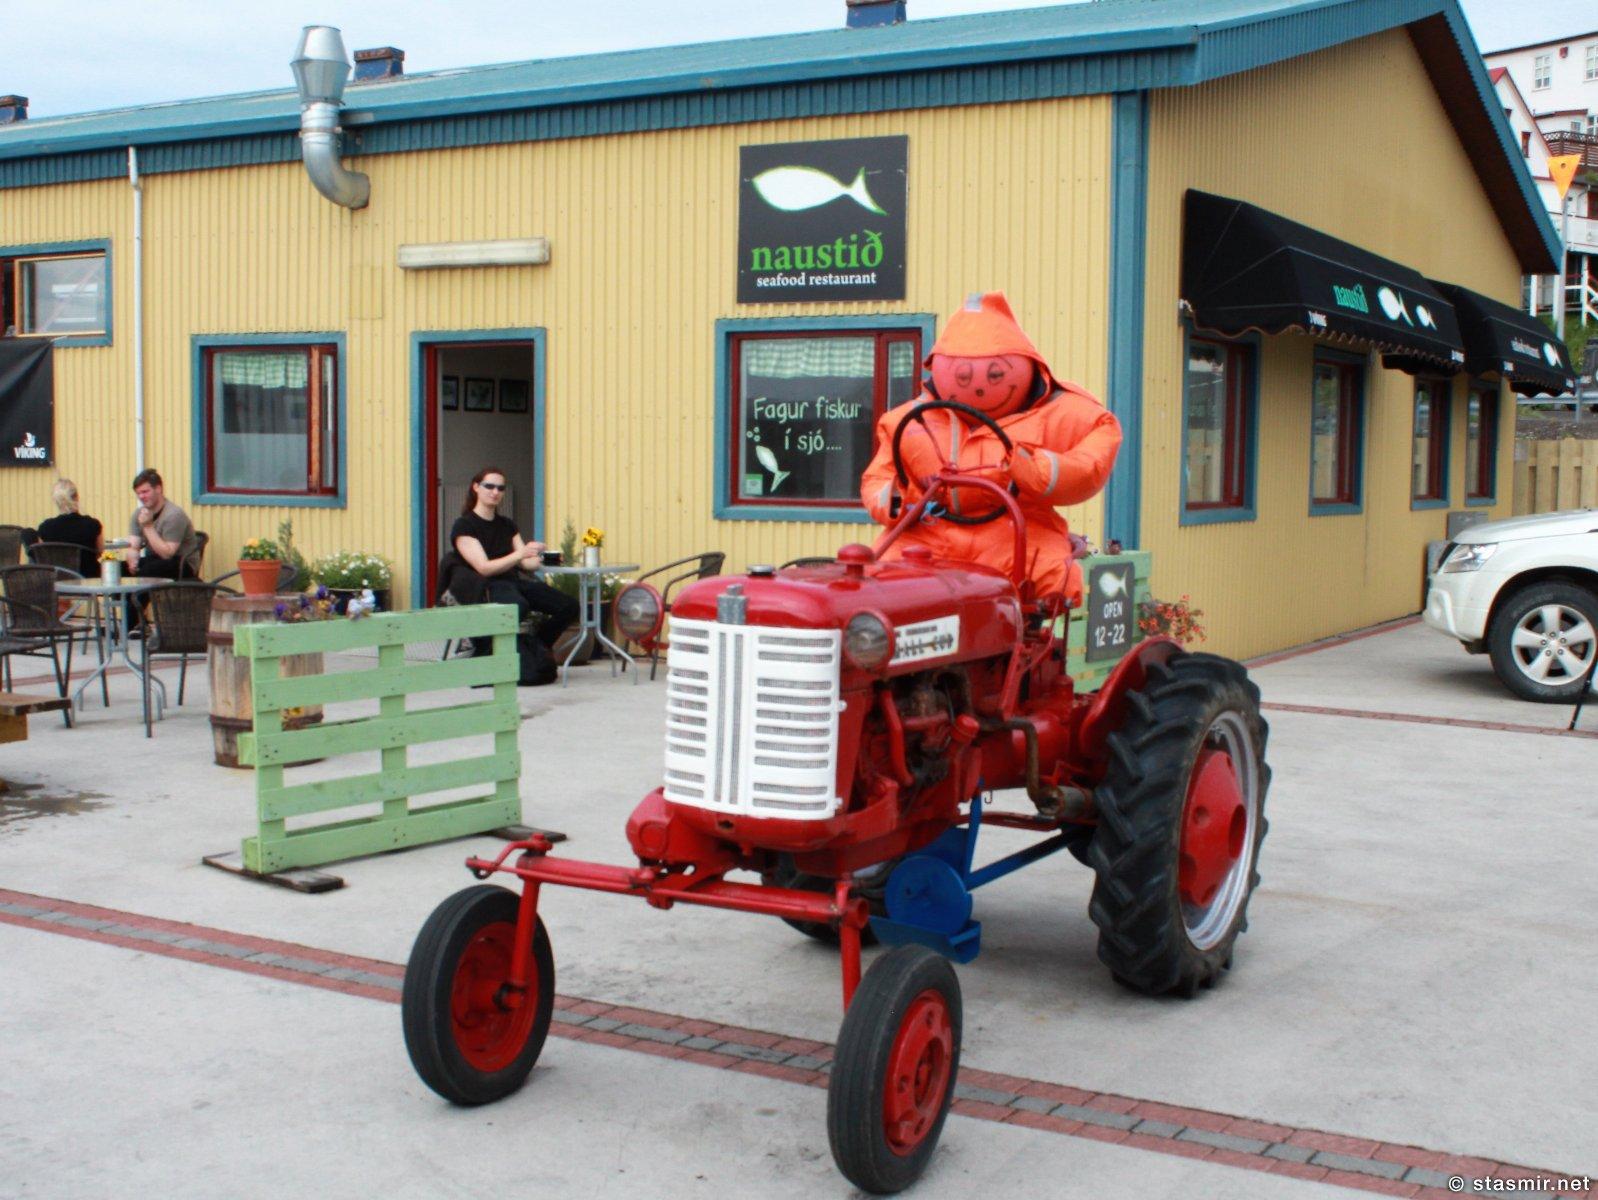 трактор и исандский фермер на причале в Хусавике, Северная Исландия